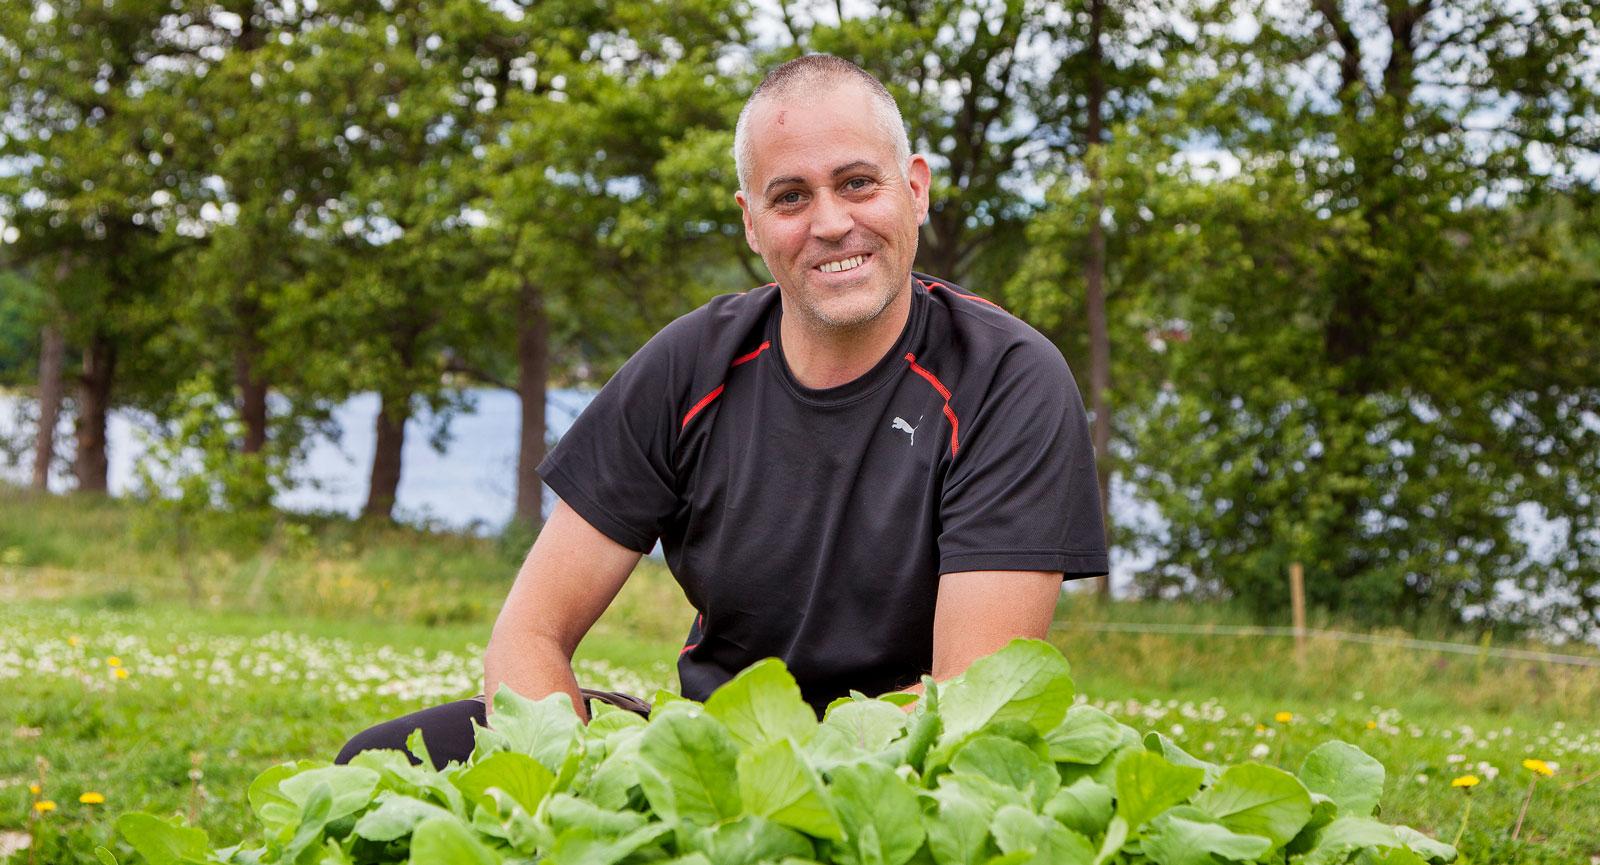 Grönt är skönt. Pierre Tapper tycker det är perfekt att han och sambon Peter kan kombinera sina intressen camping och odling.